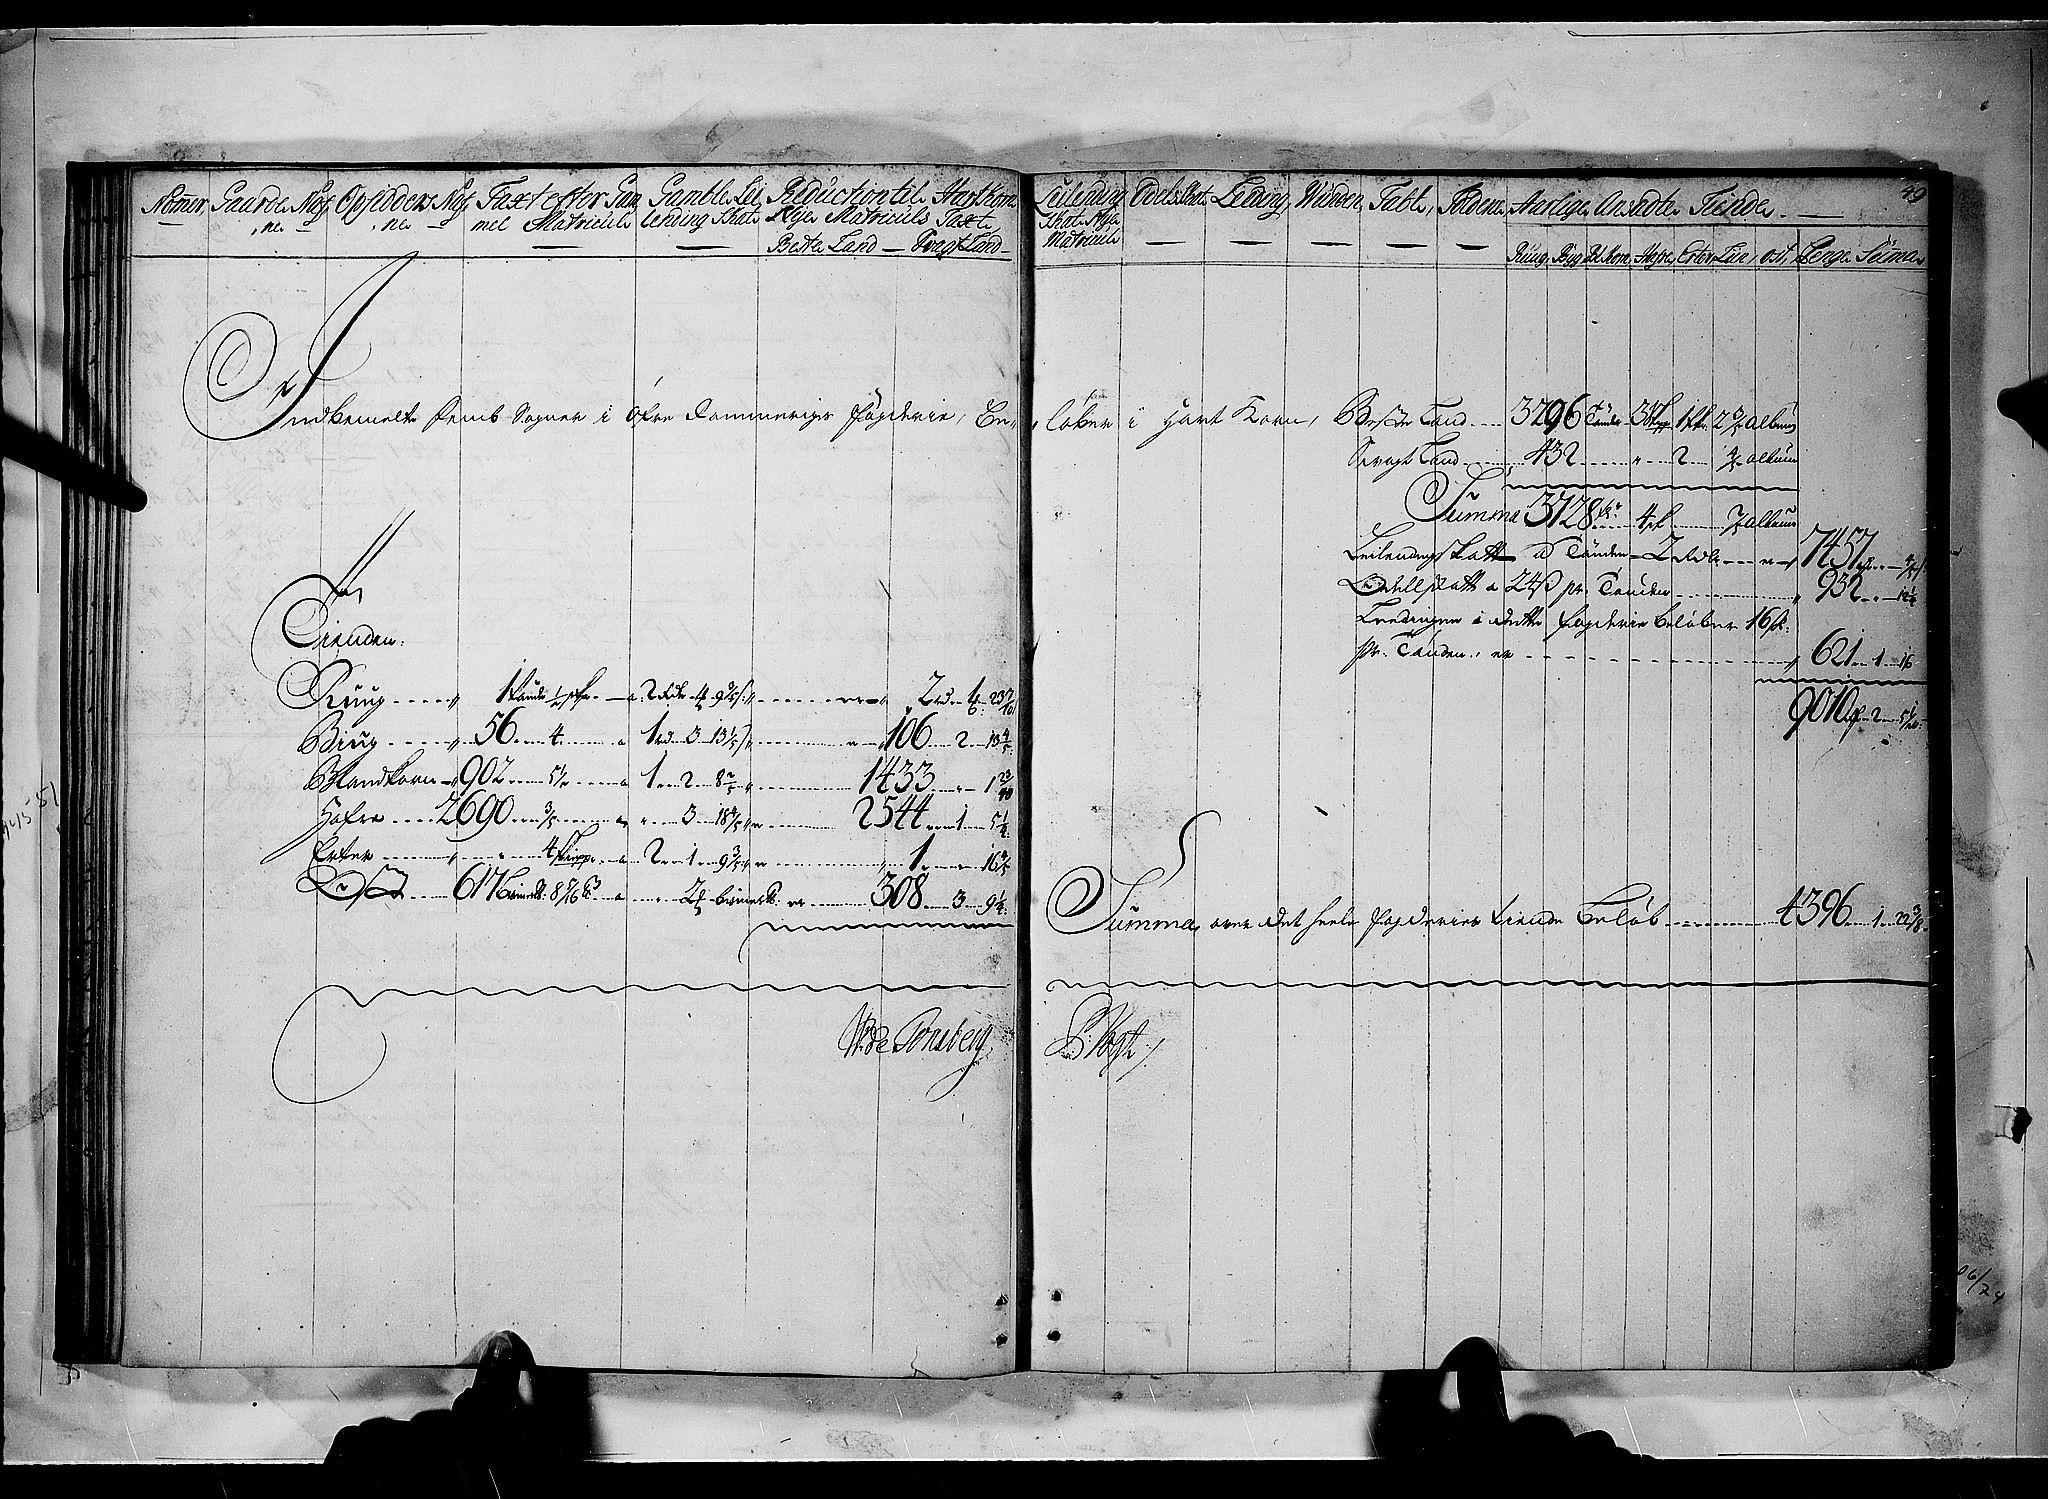 RA, Rentekammeret inntil 1814, Realistisk ordnet avdeling, N/Nb/Nbf/L0094: Øvre Romerike matrikkelprotokoll, 1723, s. 48b-49a